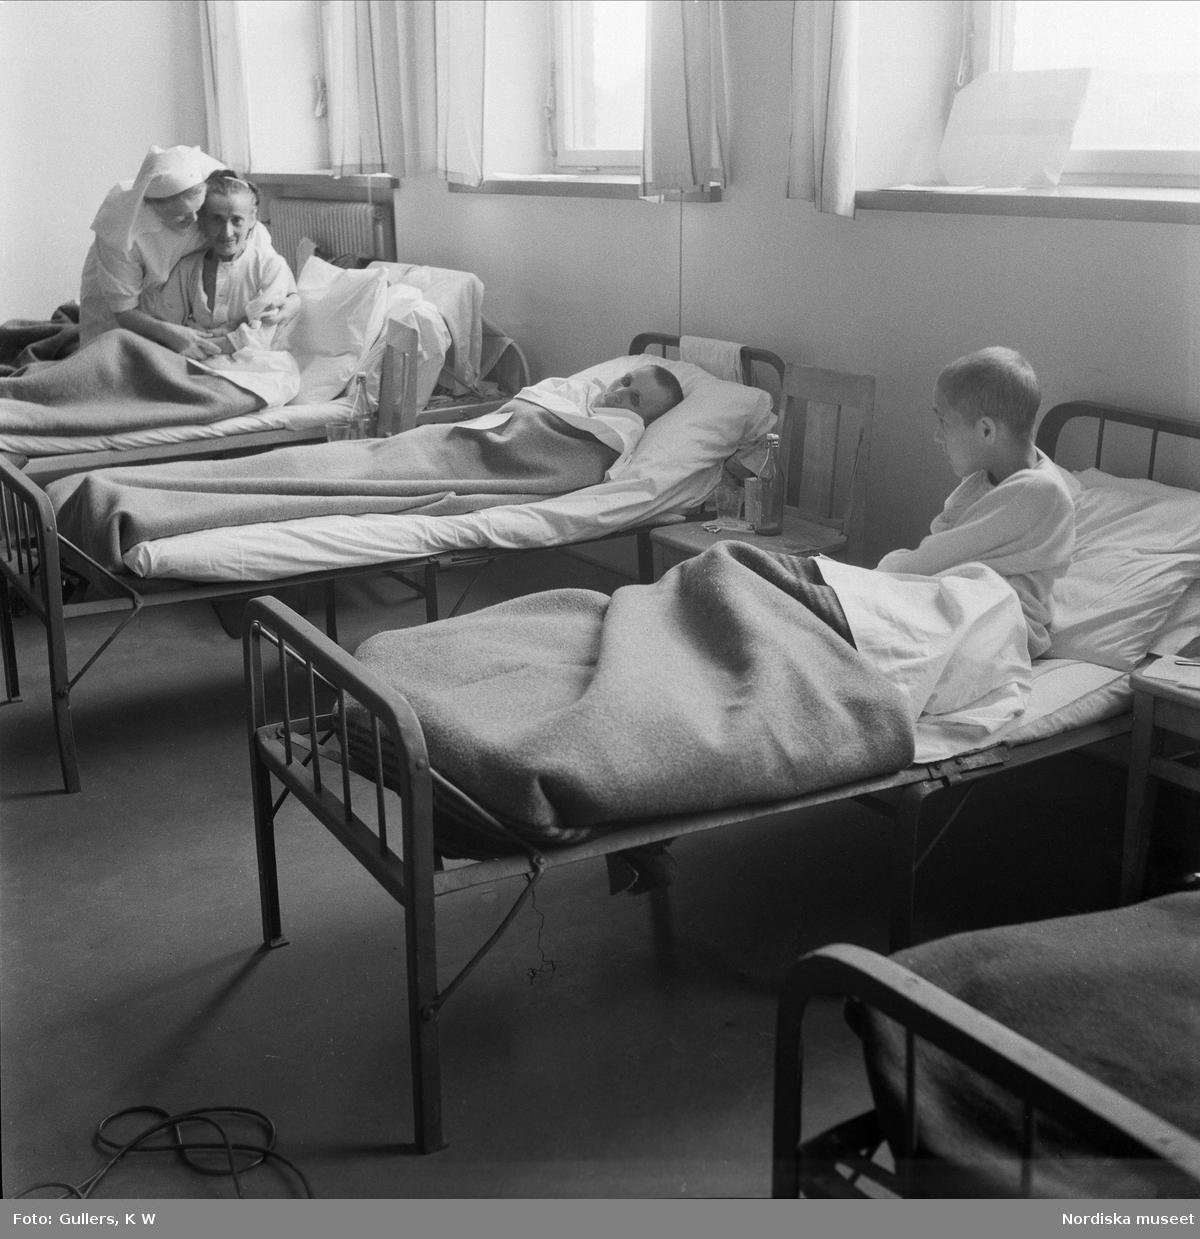 Flyktingar. Folke Bernadottes expedition med de Vita bussarna. Ankomst till Sverige via Helsingborg och Malmö. Sängliggande kvinnor i sjuksal.